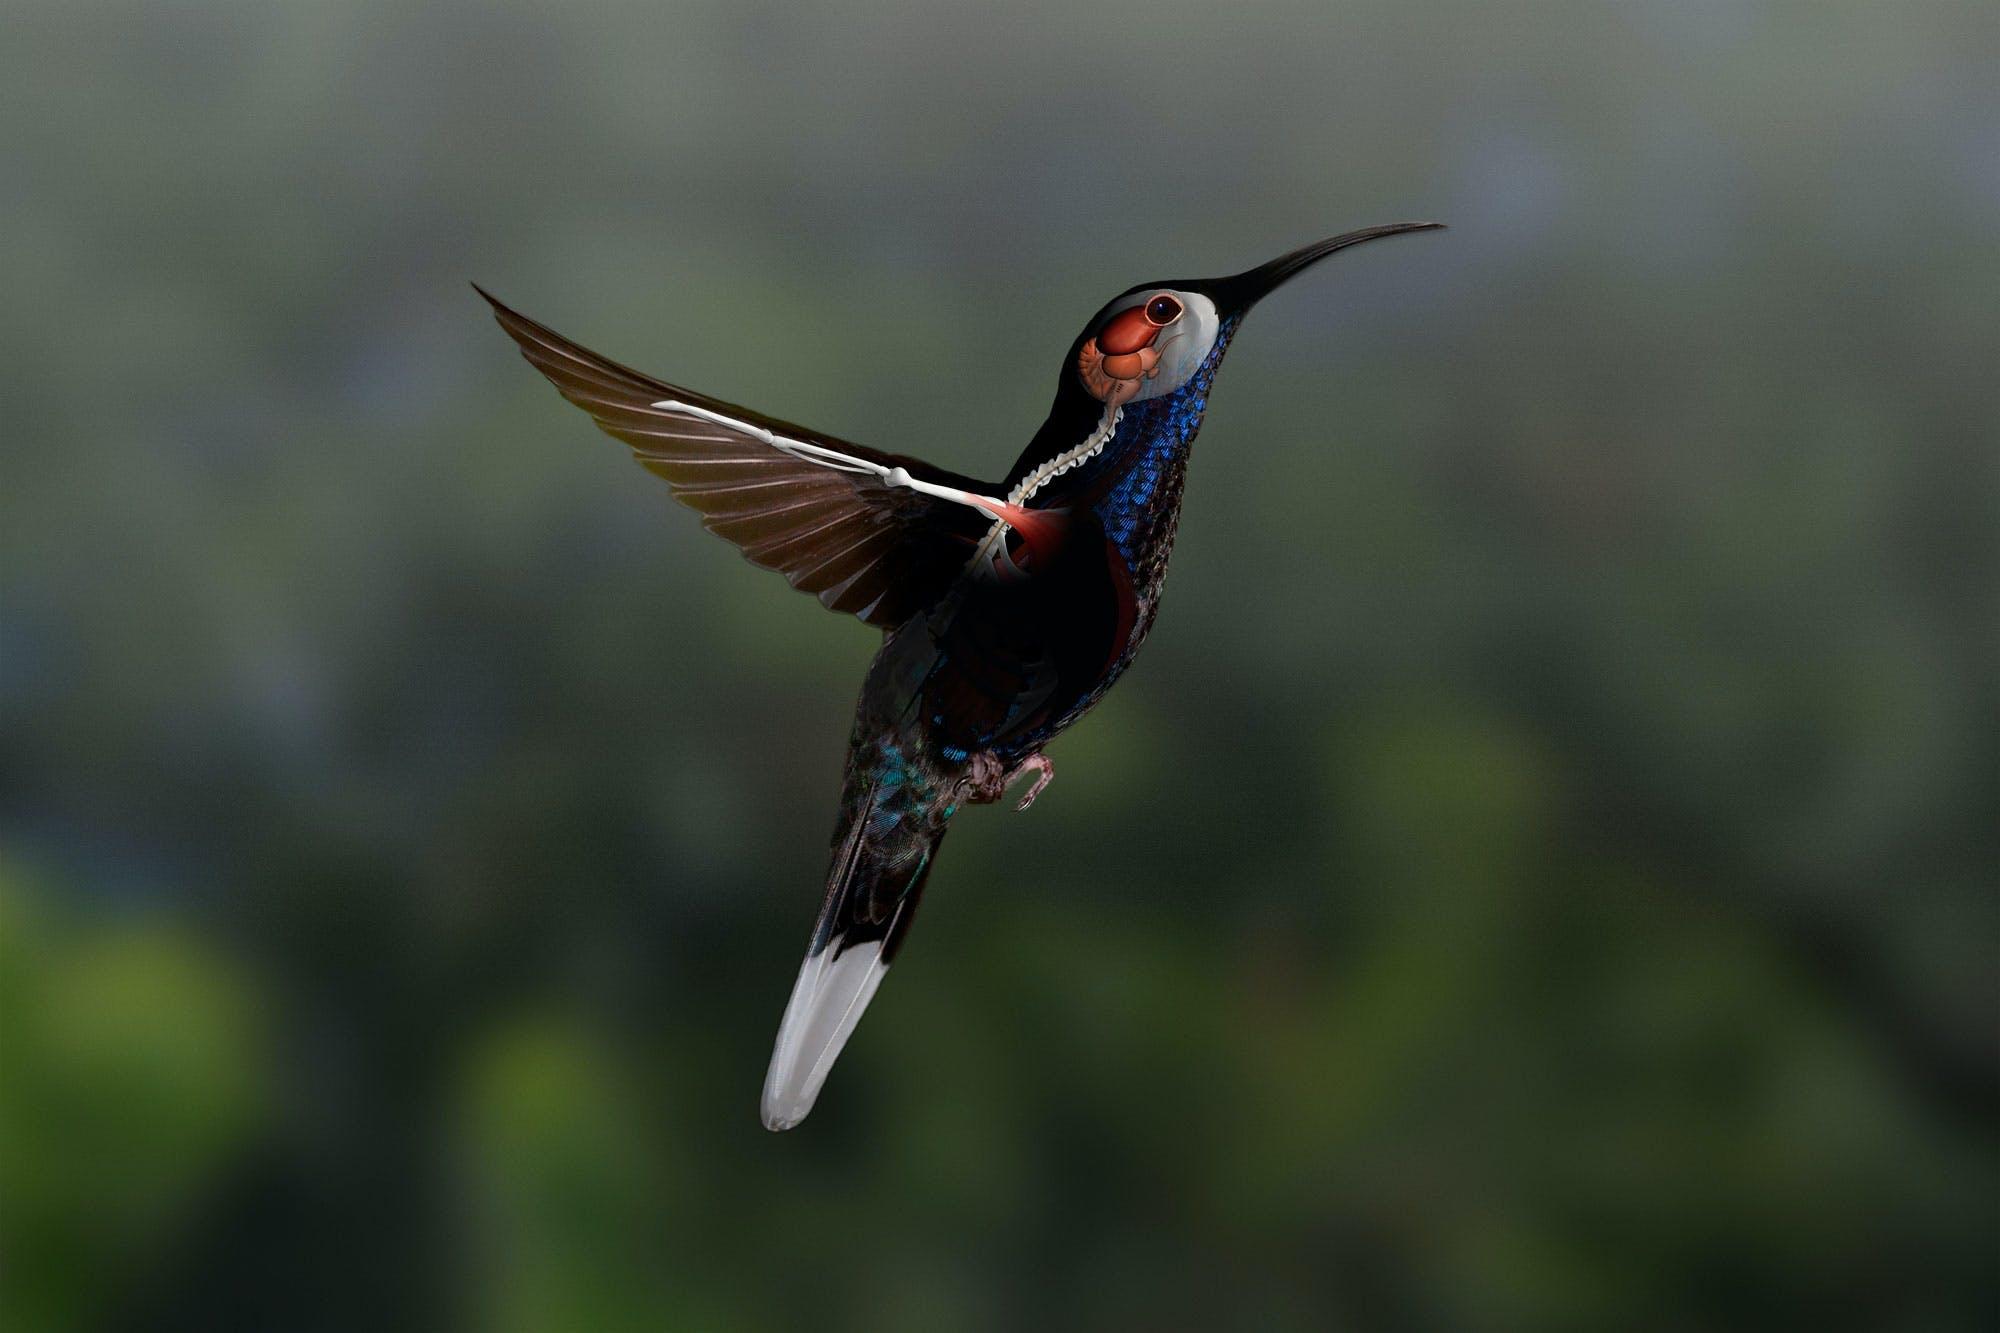 Kolibriens vingefjer